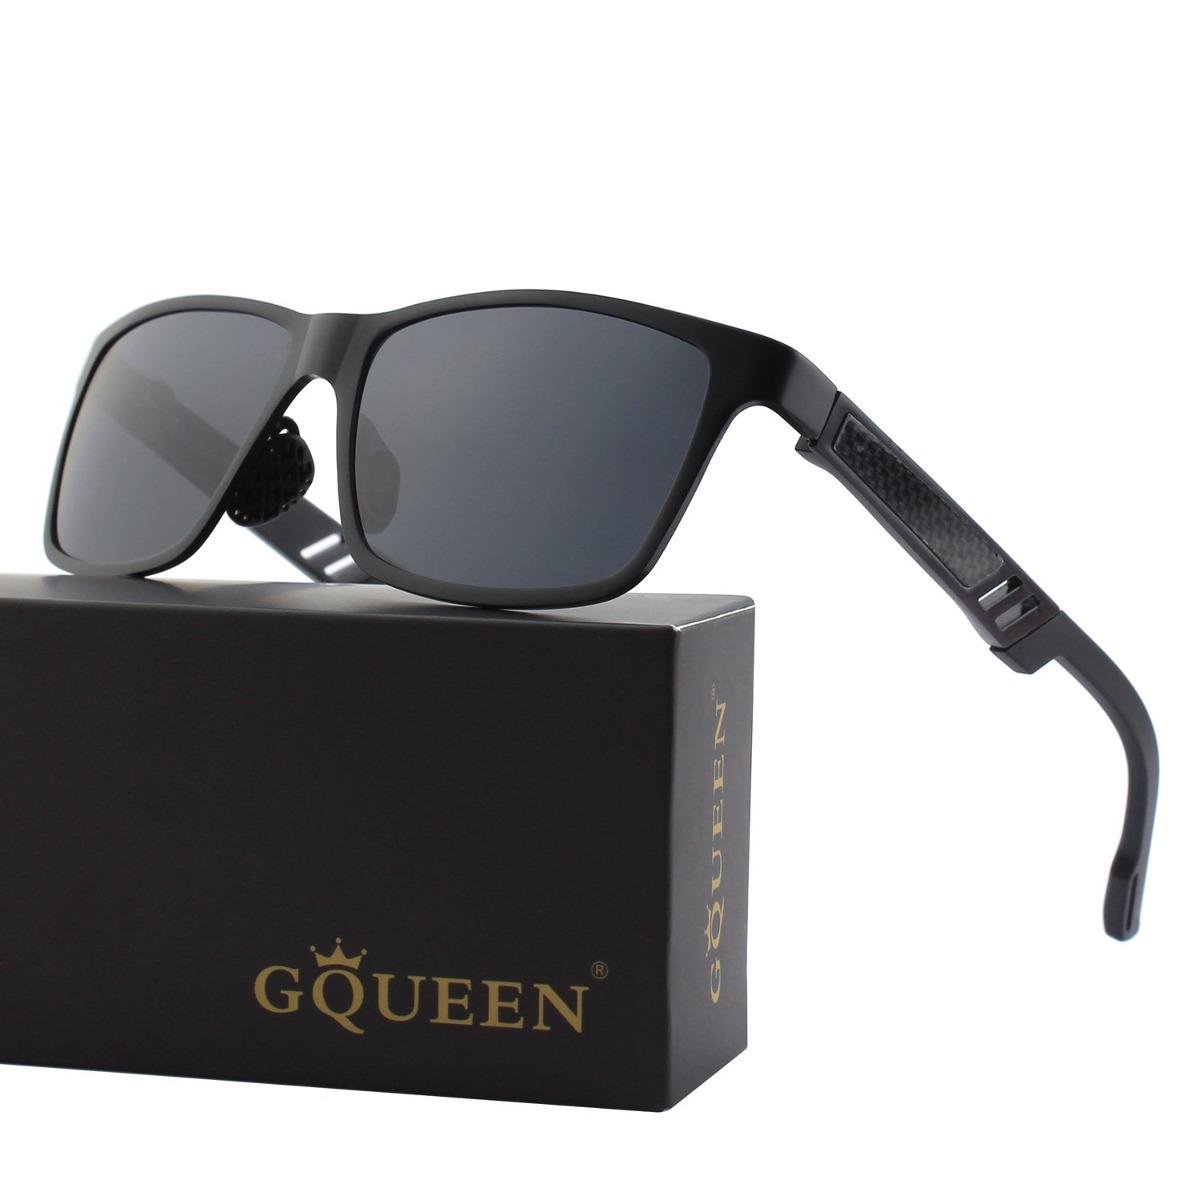 Gqueen Hombres Retro Al-mg Frame Wayfarer Gafas De Sol Polar ...